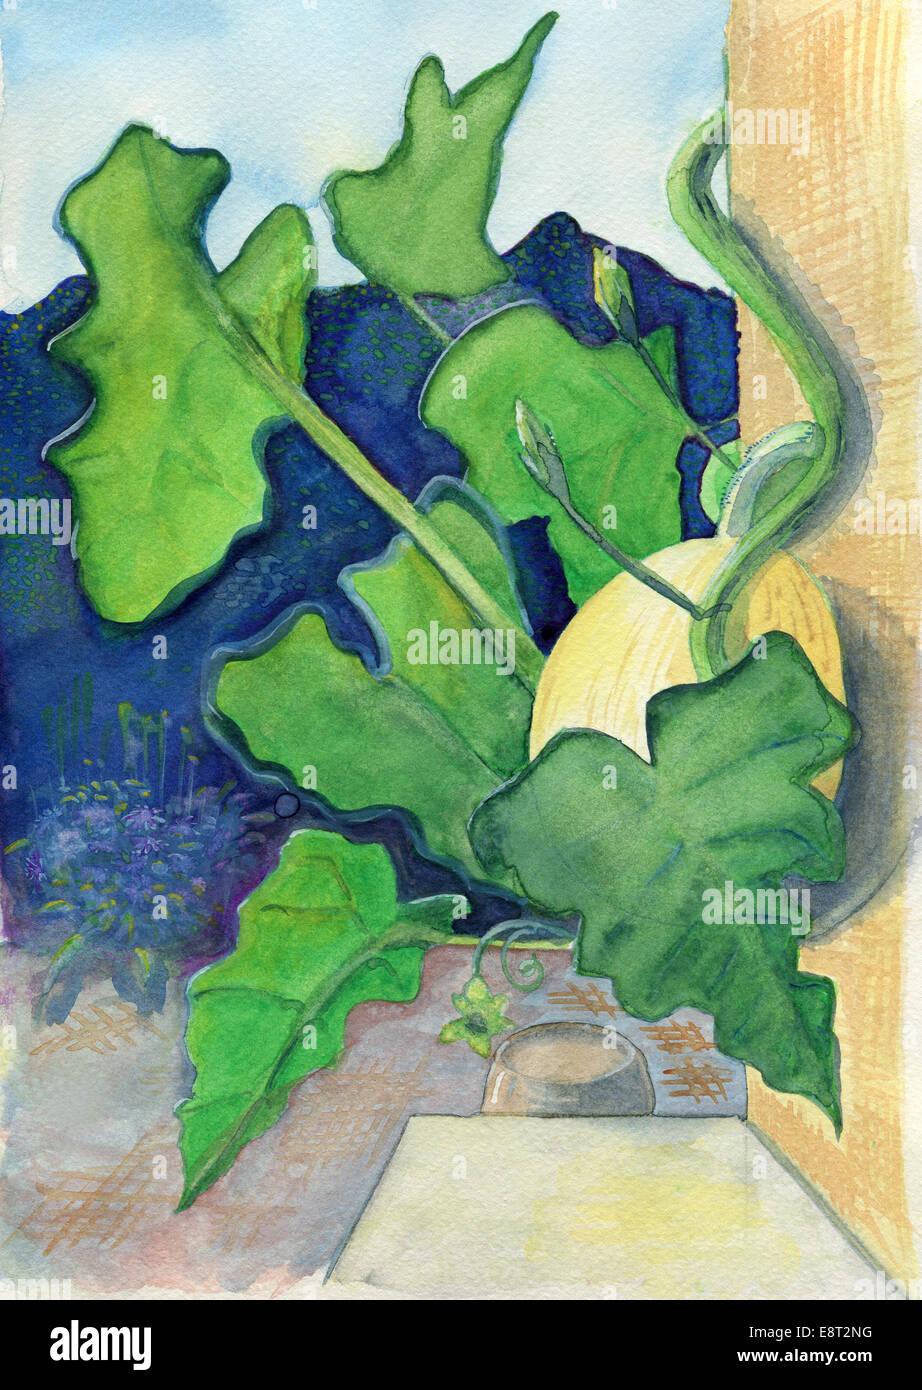 La zucca, originale acquarello e tempera pittura. Immagini Stock